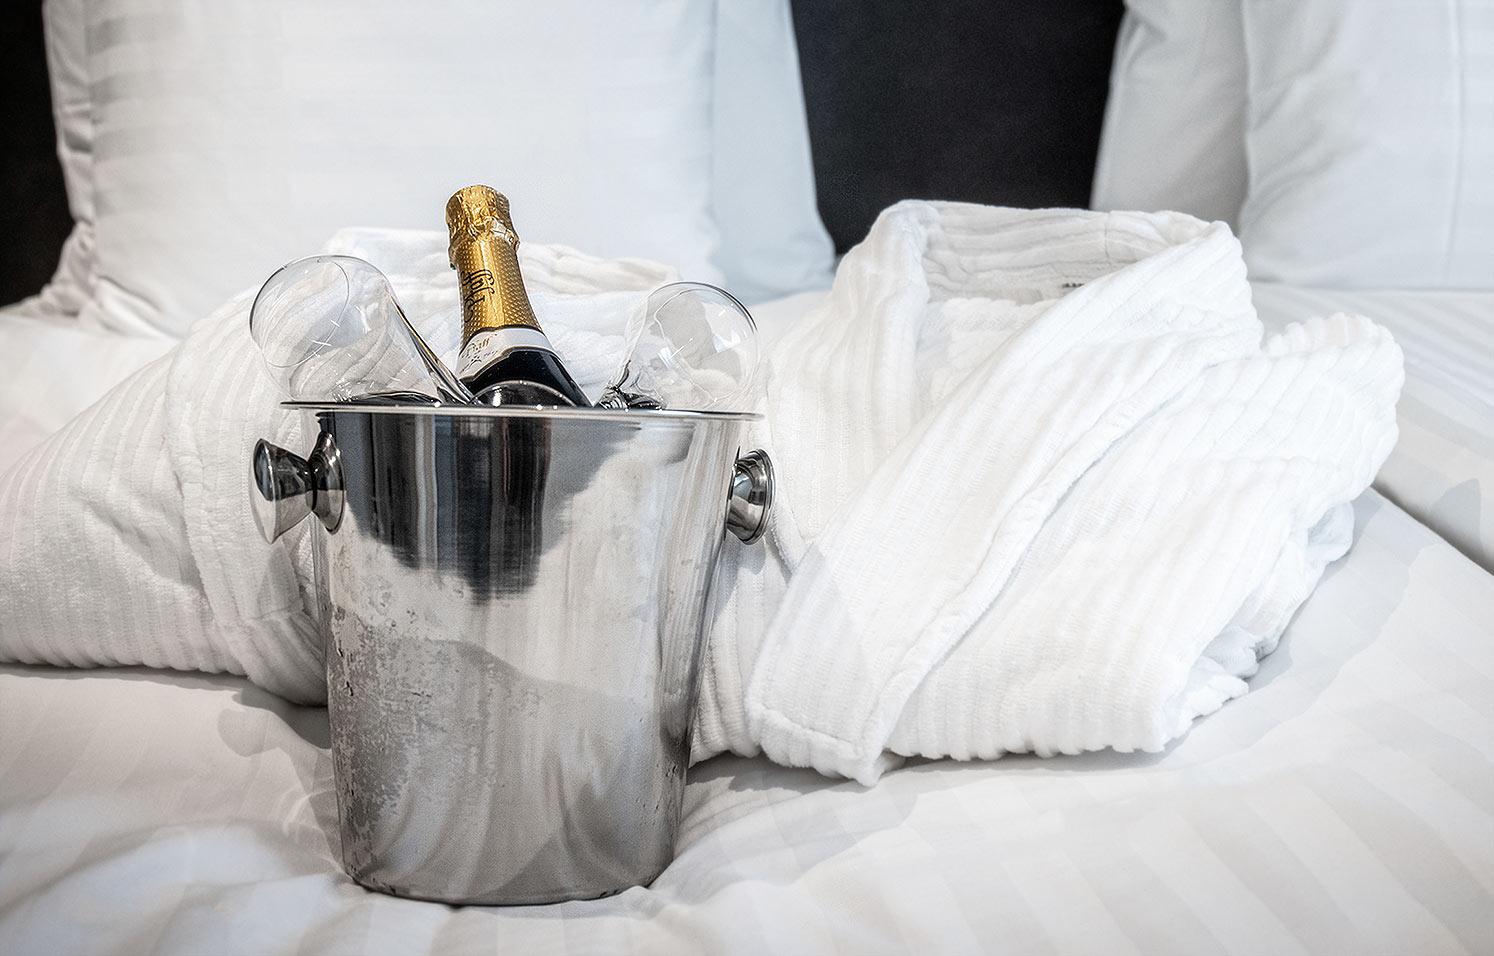 Kuohuviinipullo ja lasit coolerissa hotellin sängyllä.